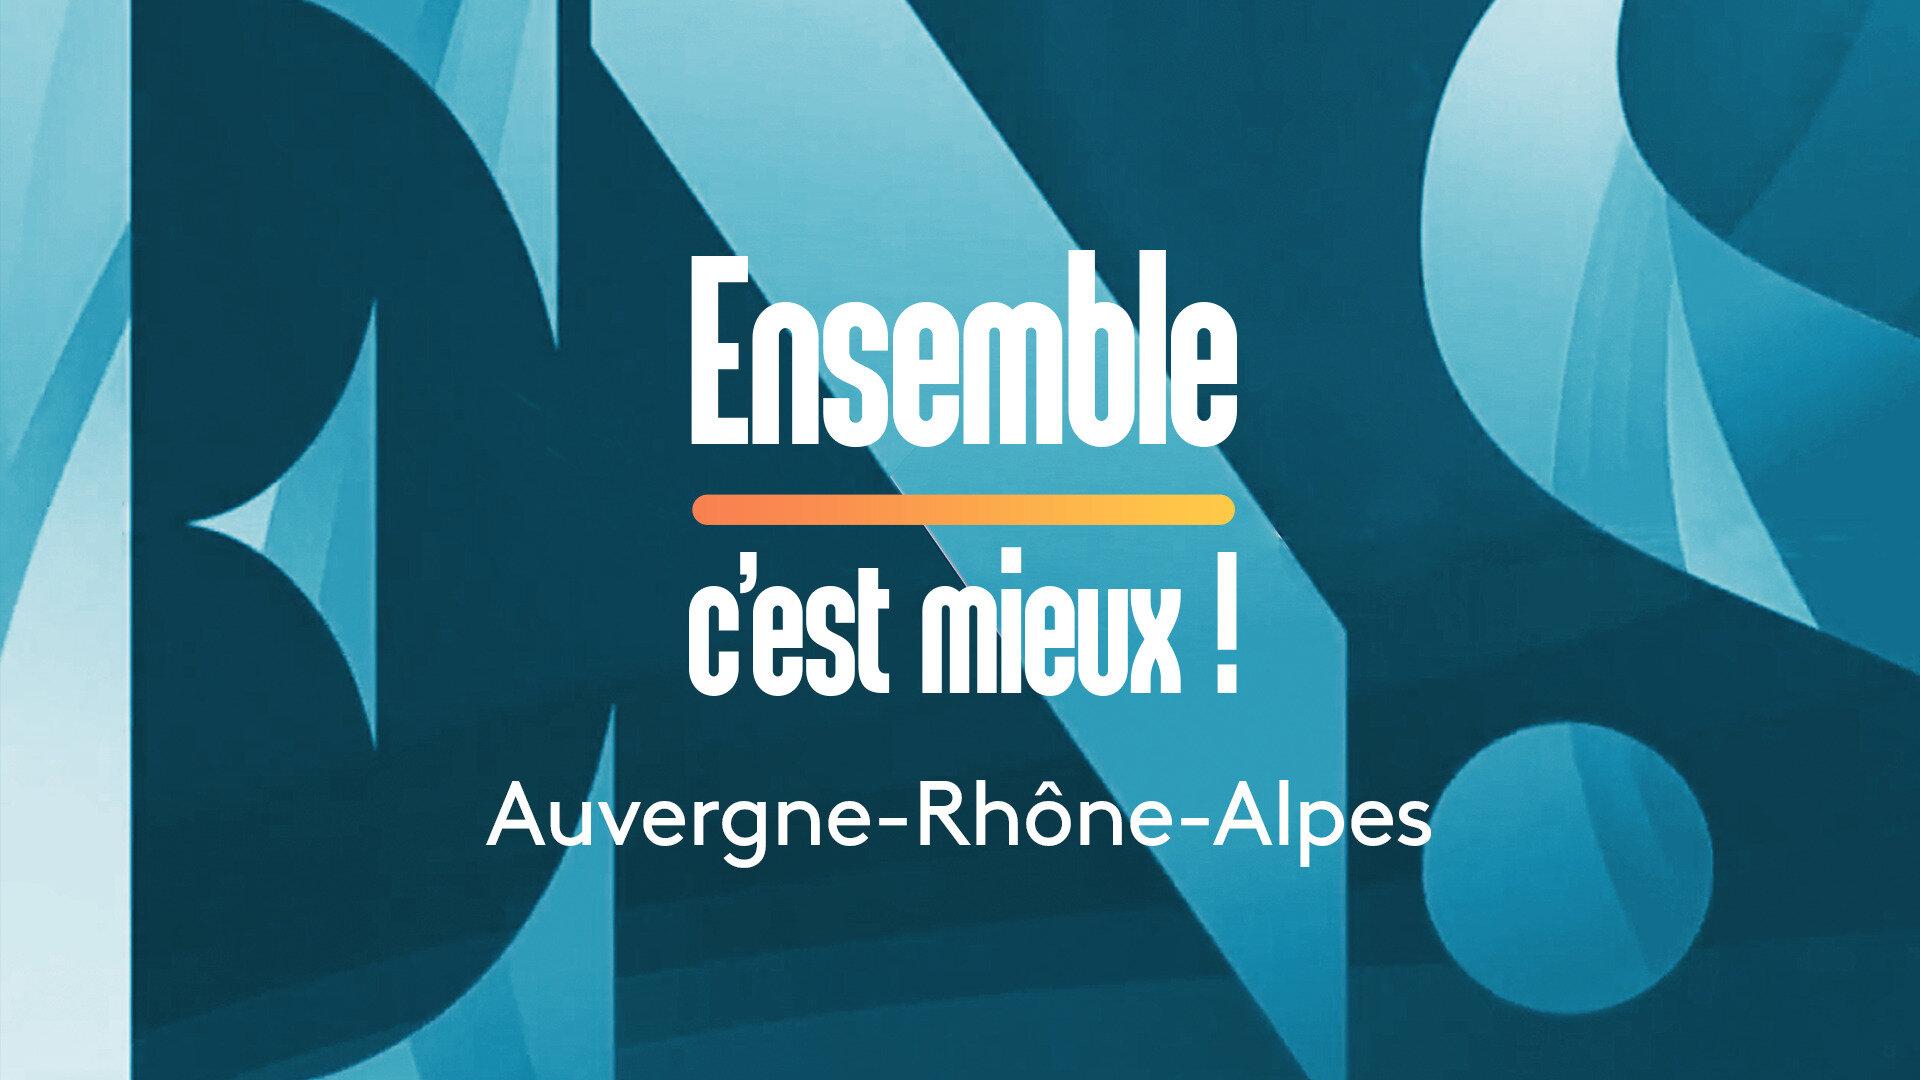 Ensemble c'est mieux ! Alpes-Auvergne-Rhône-Alpes : Nous paysans - Comment parvenir à une pêche plus respectueuse de l'environnement ?